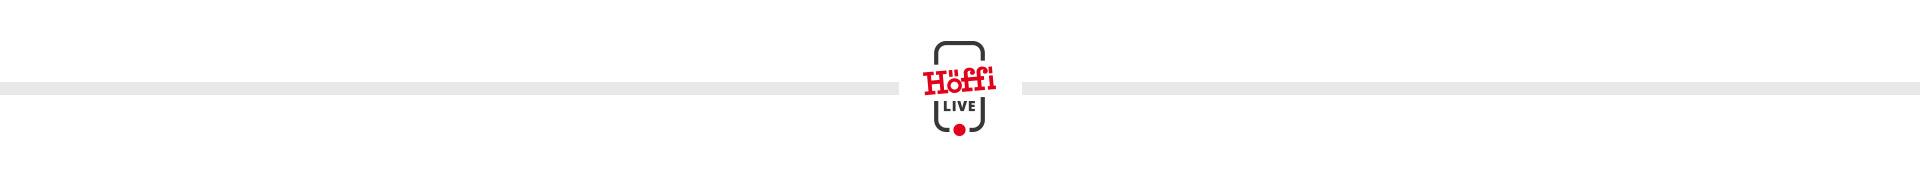 Höffi Live